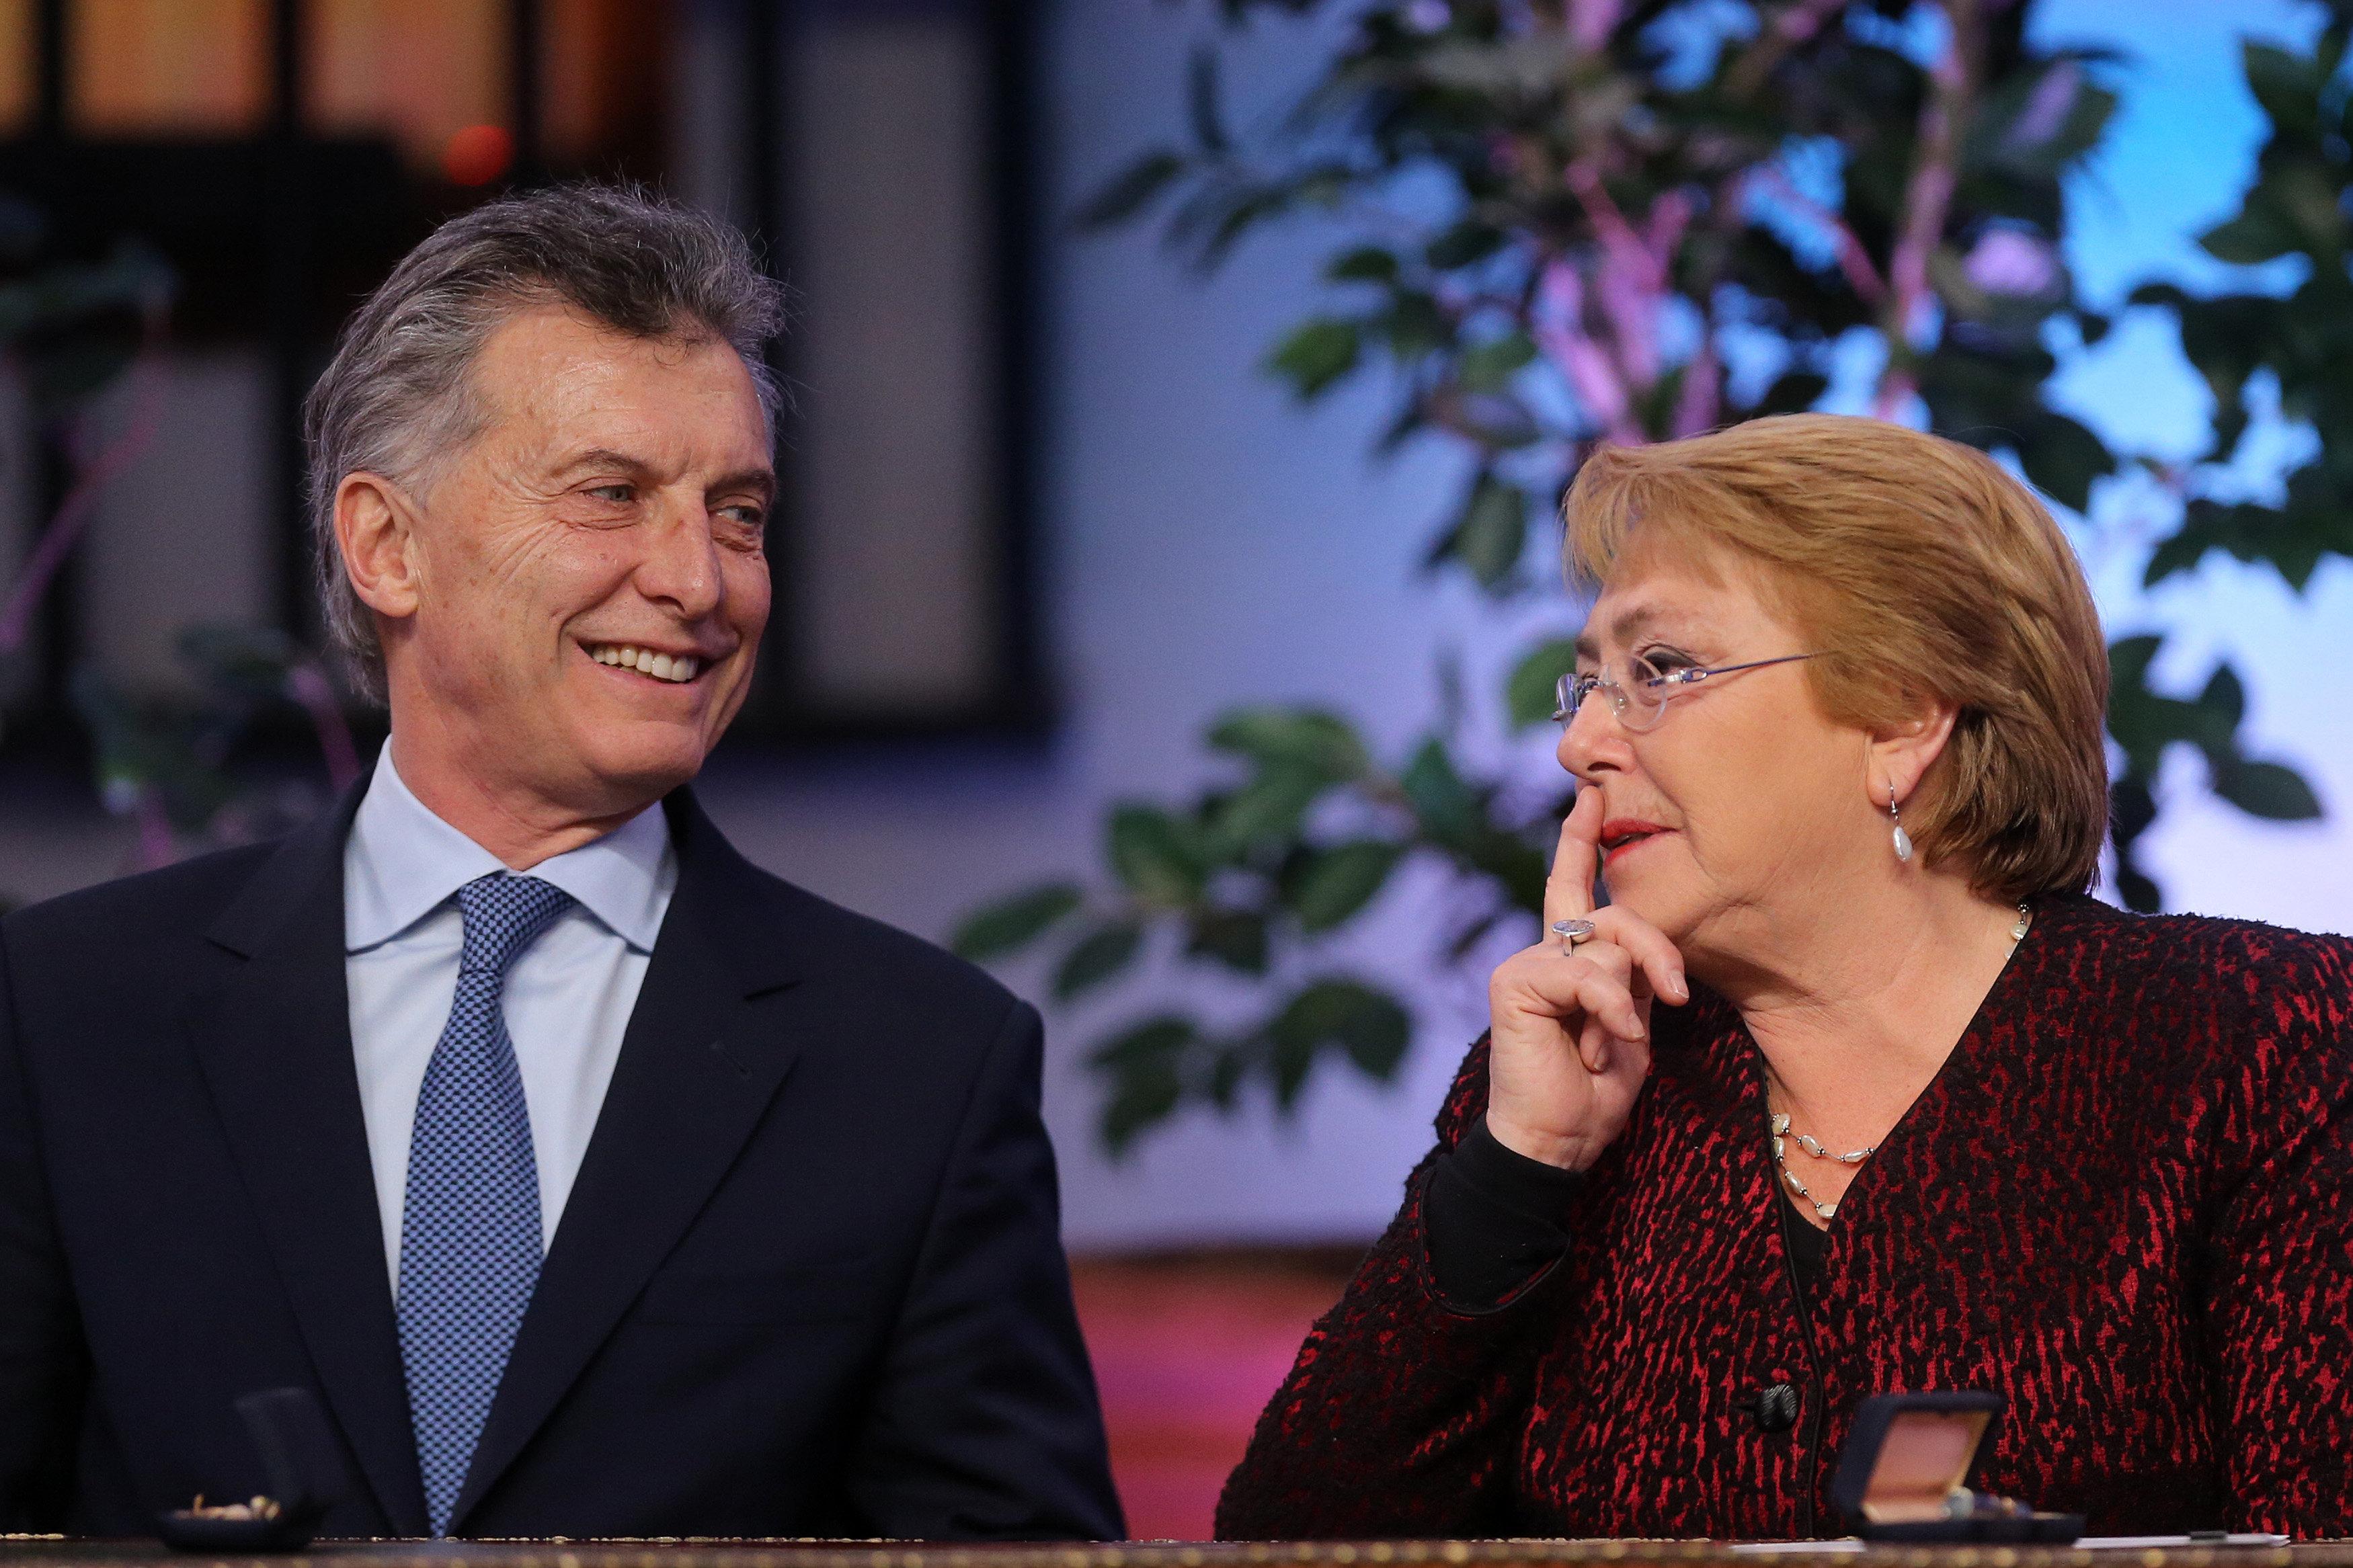 CH17. SANTIAGO (CHILE), 27/06/2017.- La presidenta chilena, Michelle Bachelet (d), y su homólogo de Argentina, Mauricio Macri (d), ofrecen una rueda de prensa conjunta hoy, martes 27 de junio de 2017, en el Palacio de La Moneda, en Santiago (Chile). Macri se encuentra en Chile para avanzar en la concreción de acuerdos comerciales entre ambos países. EFE/Mario Ruiz